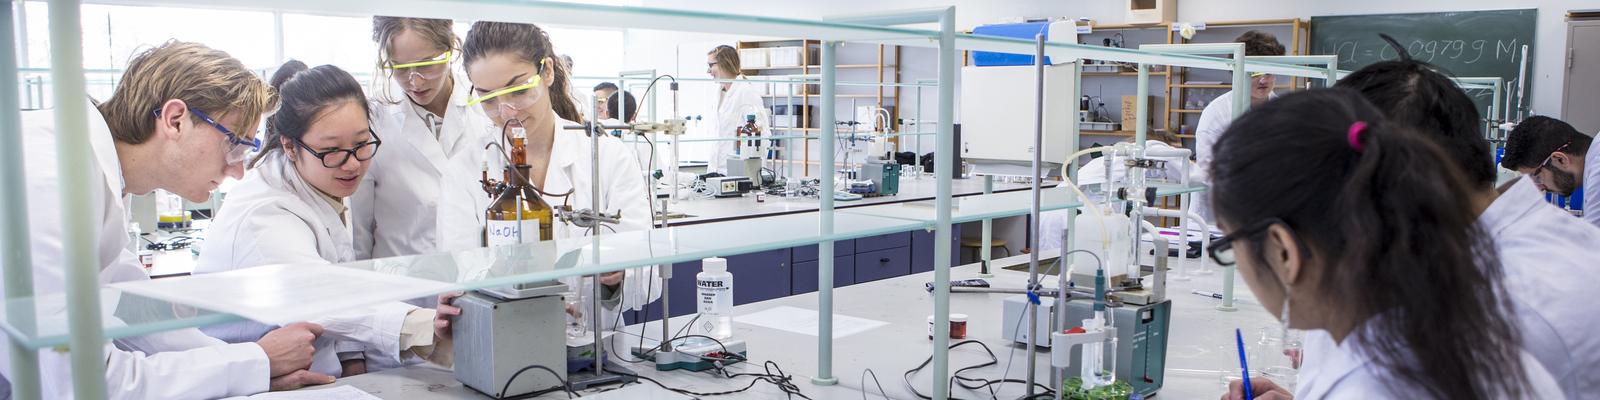 Fijnstof meten: kleine deeltjes, grote impact! (15 oktober 2019)